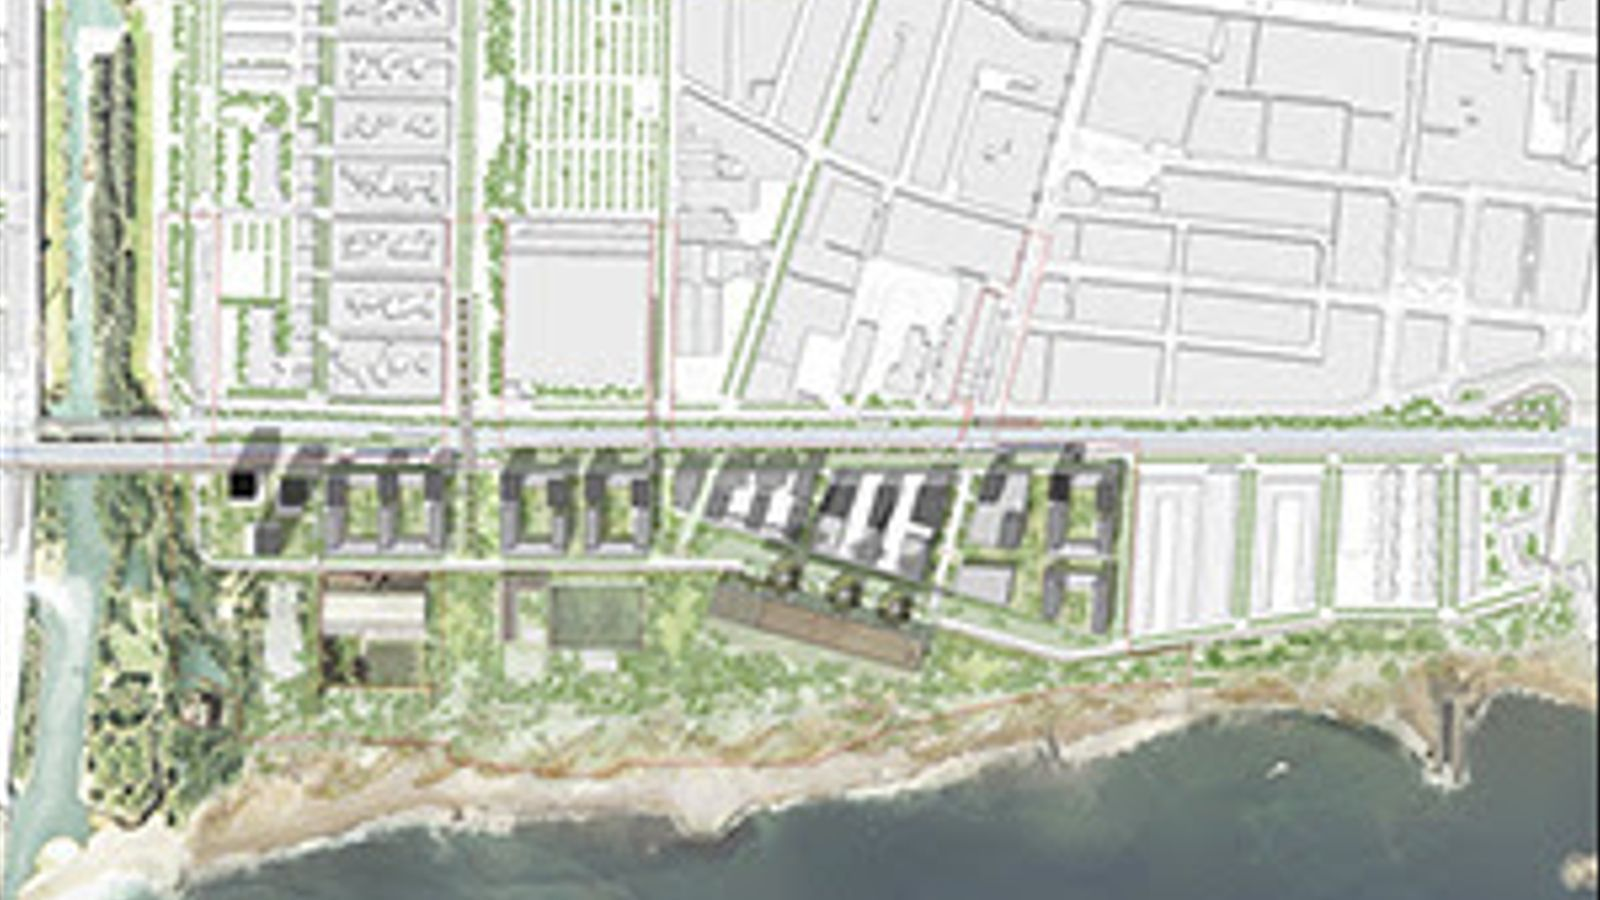 Plànol del nou pla urbanístic per a la zona de les Tres Xemeneies de Sant Adrià del Besòs